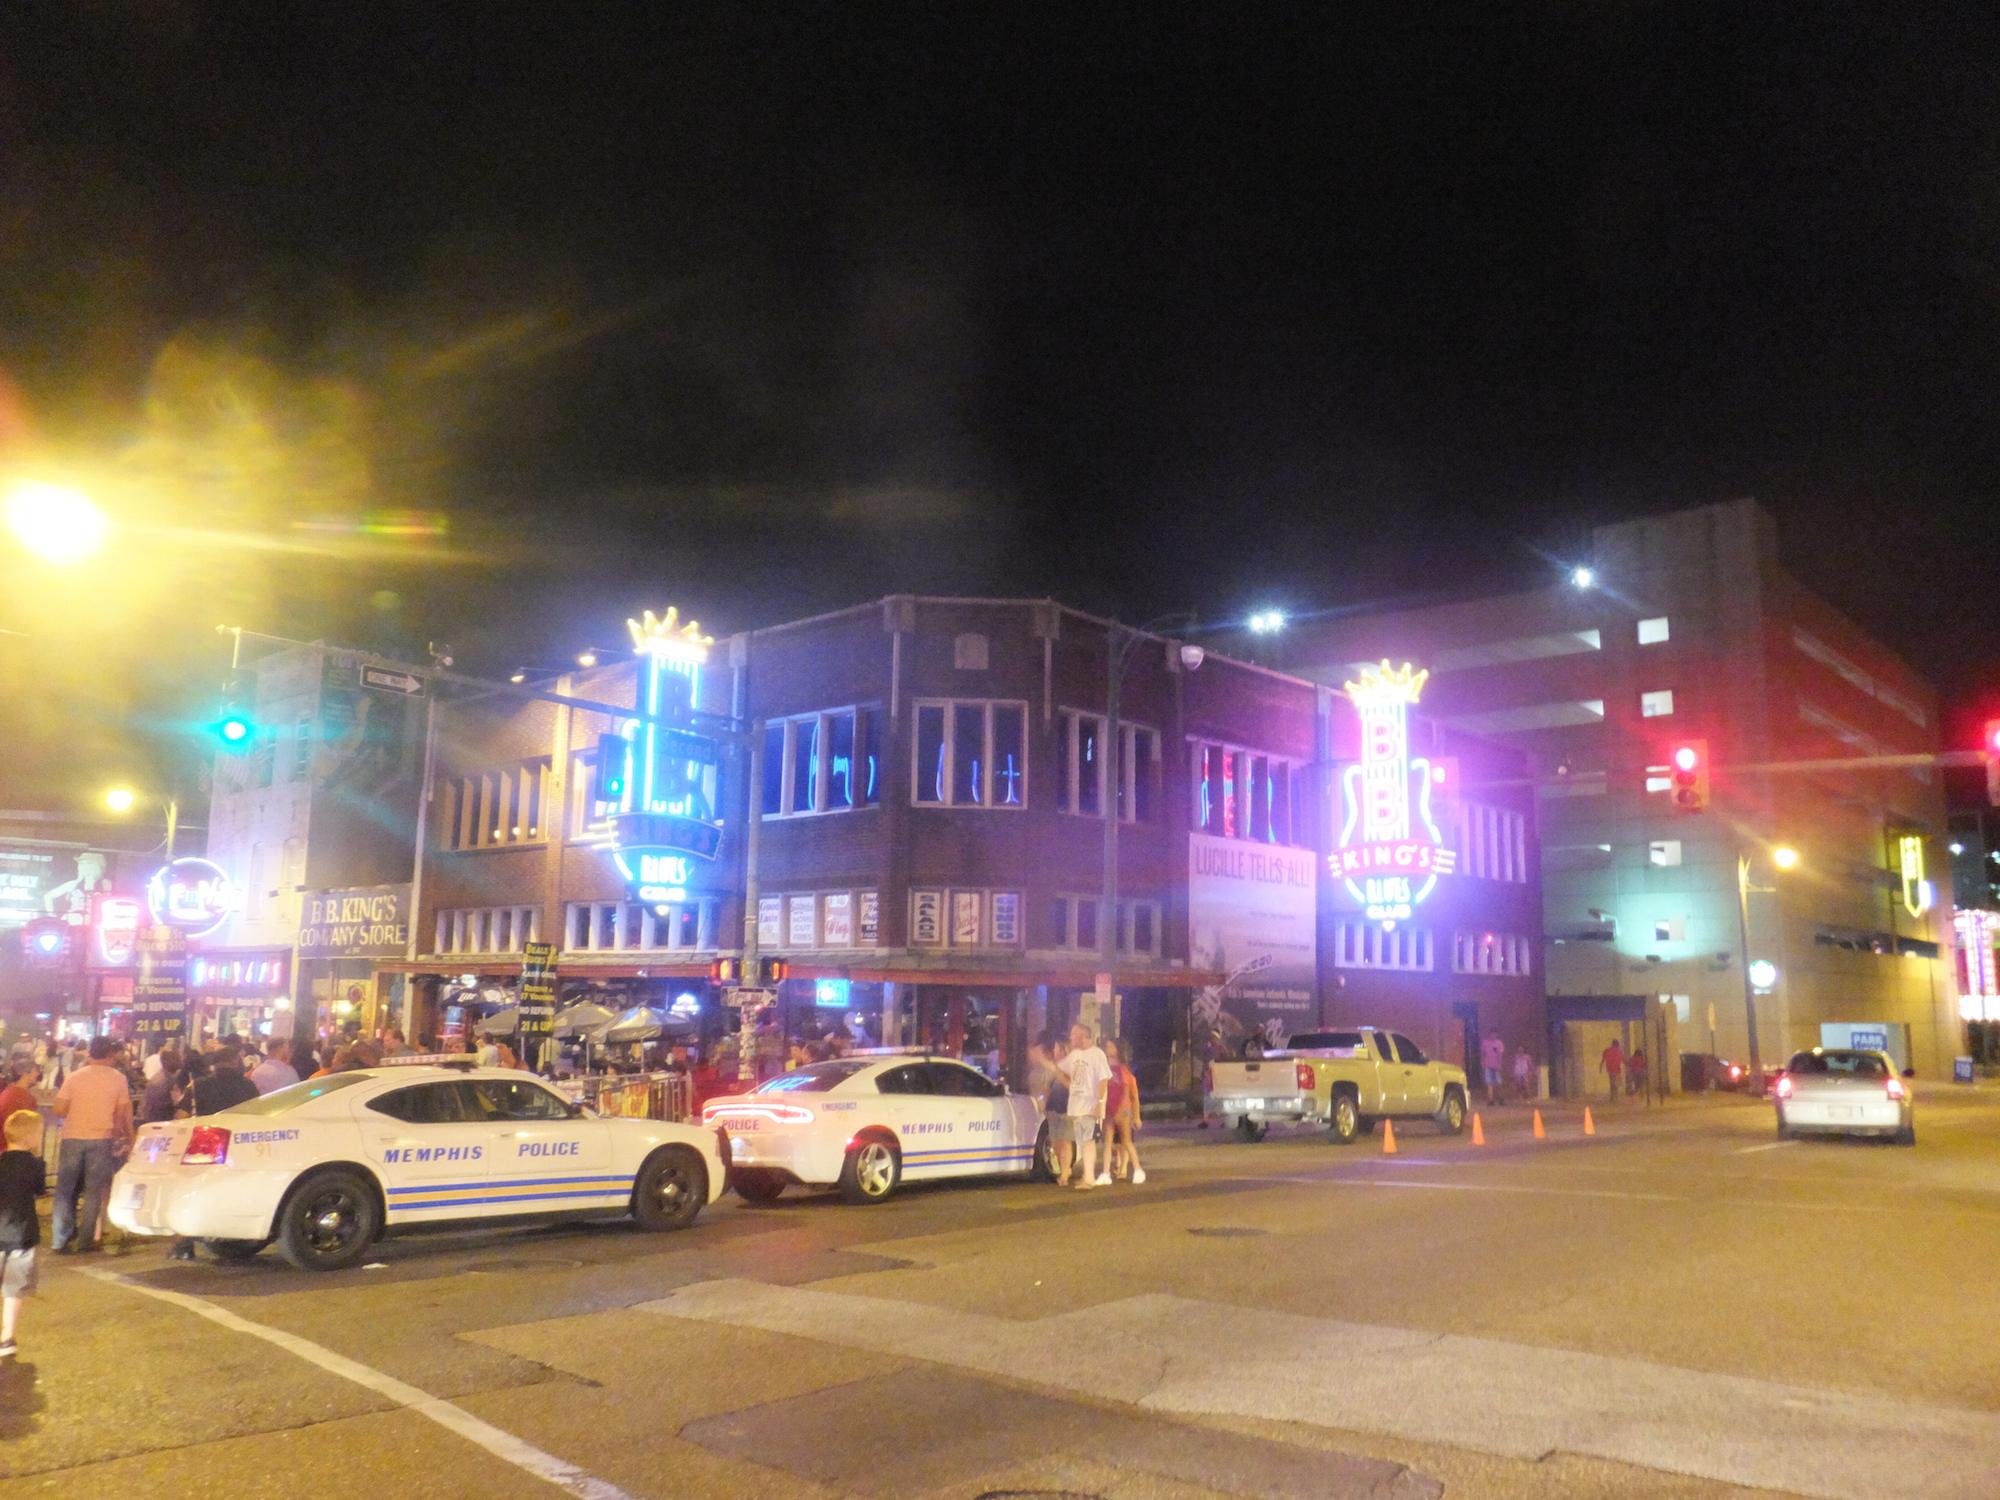 L'accès à Beale St était réglementé ce soir